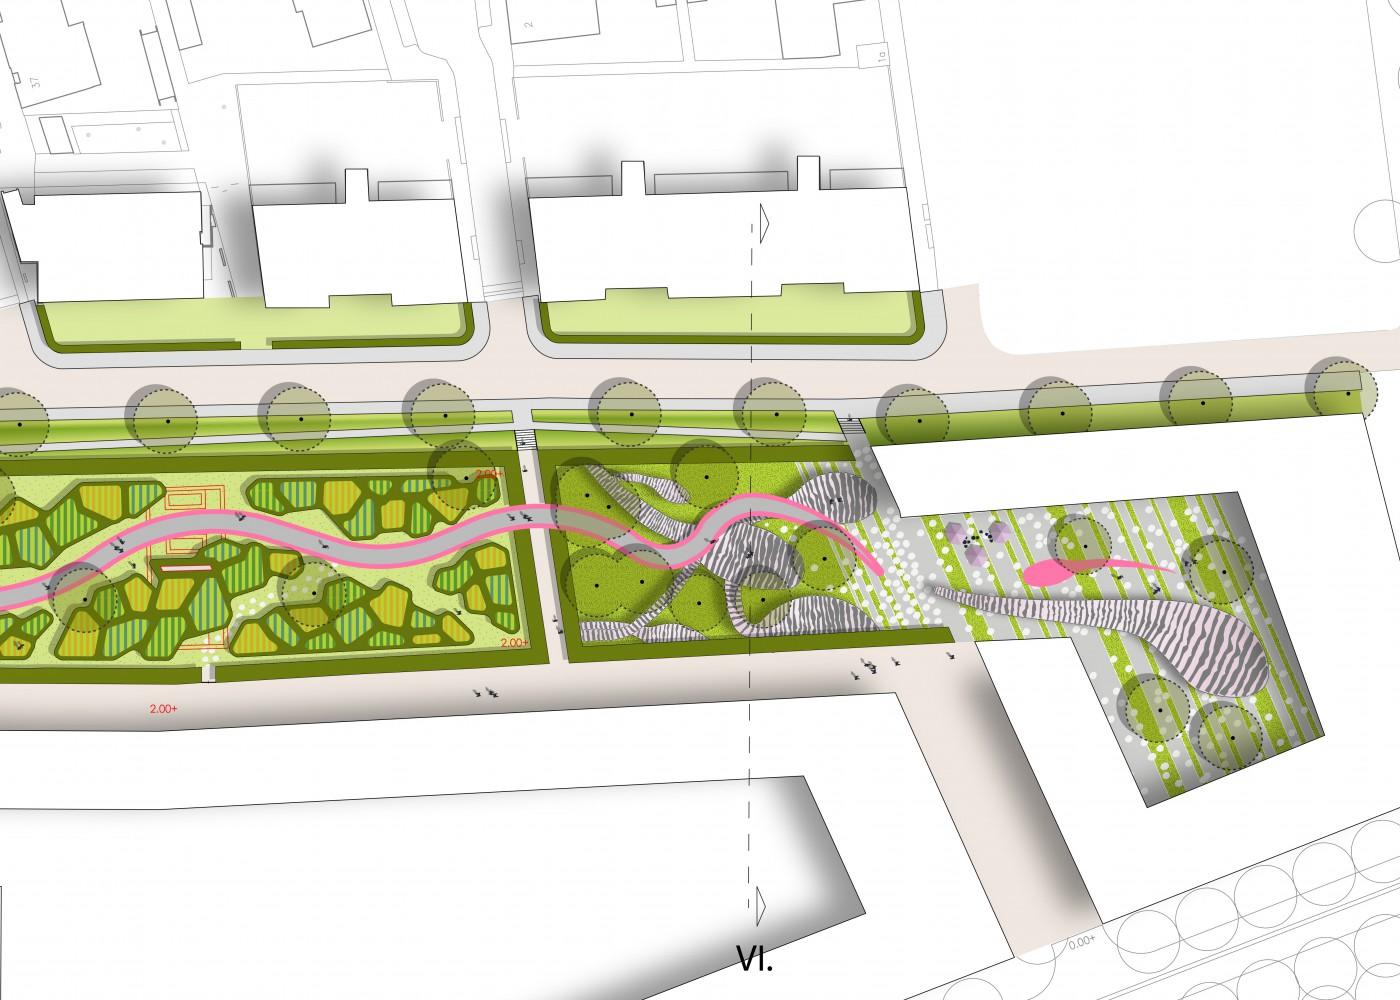 buro-sant-en-co-landschapsarchitectuur-van leeuwenhoekpark-delft-stadspark-dakpark-klimaatadaptief-ecologie-ontwerp-plantekening-4